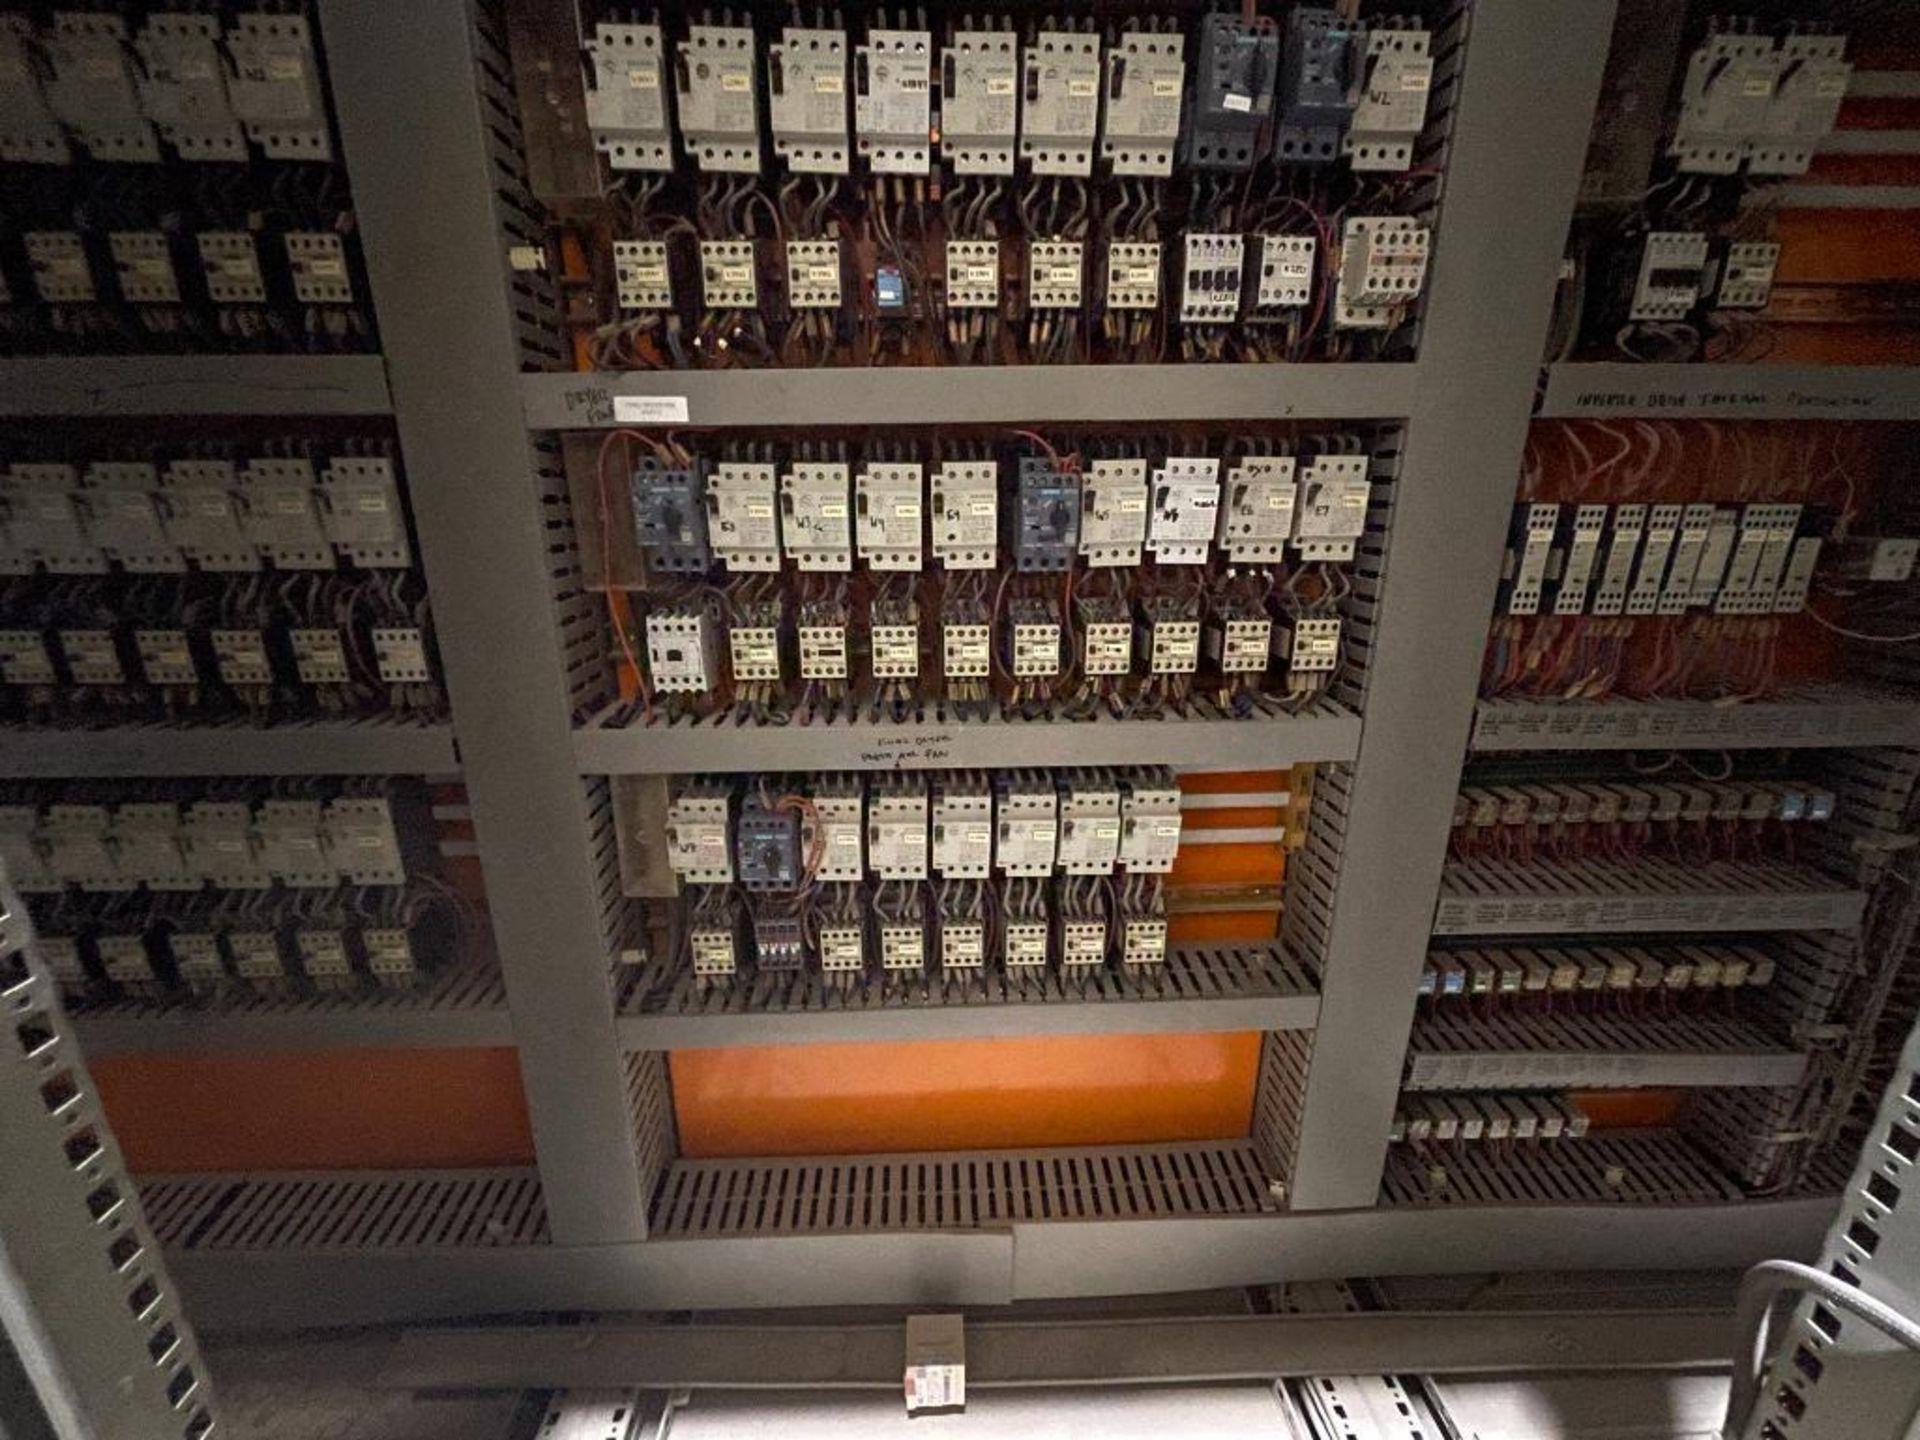 7-door mild steel air conditioned control cabinet, 5-VFD's - Image 37 of 43